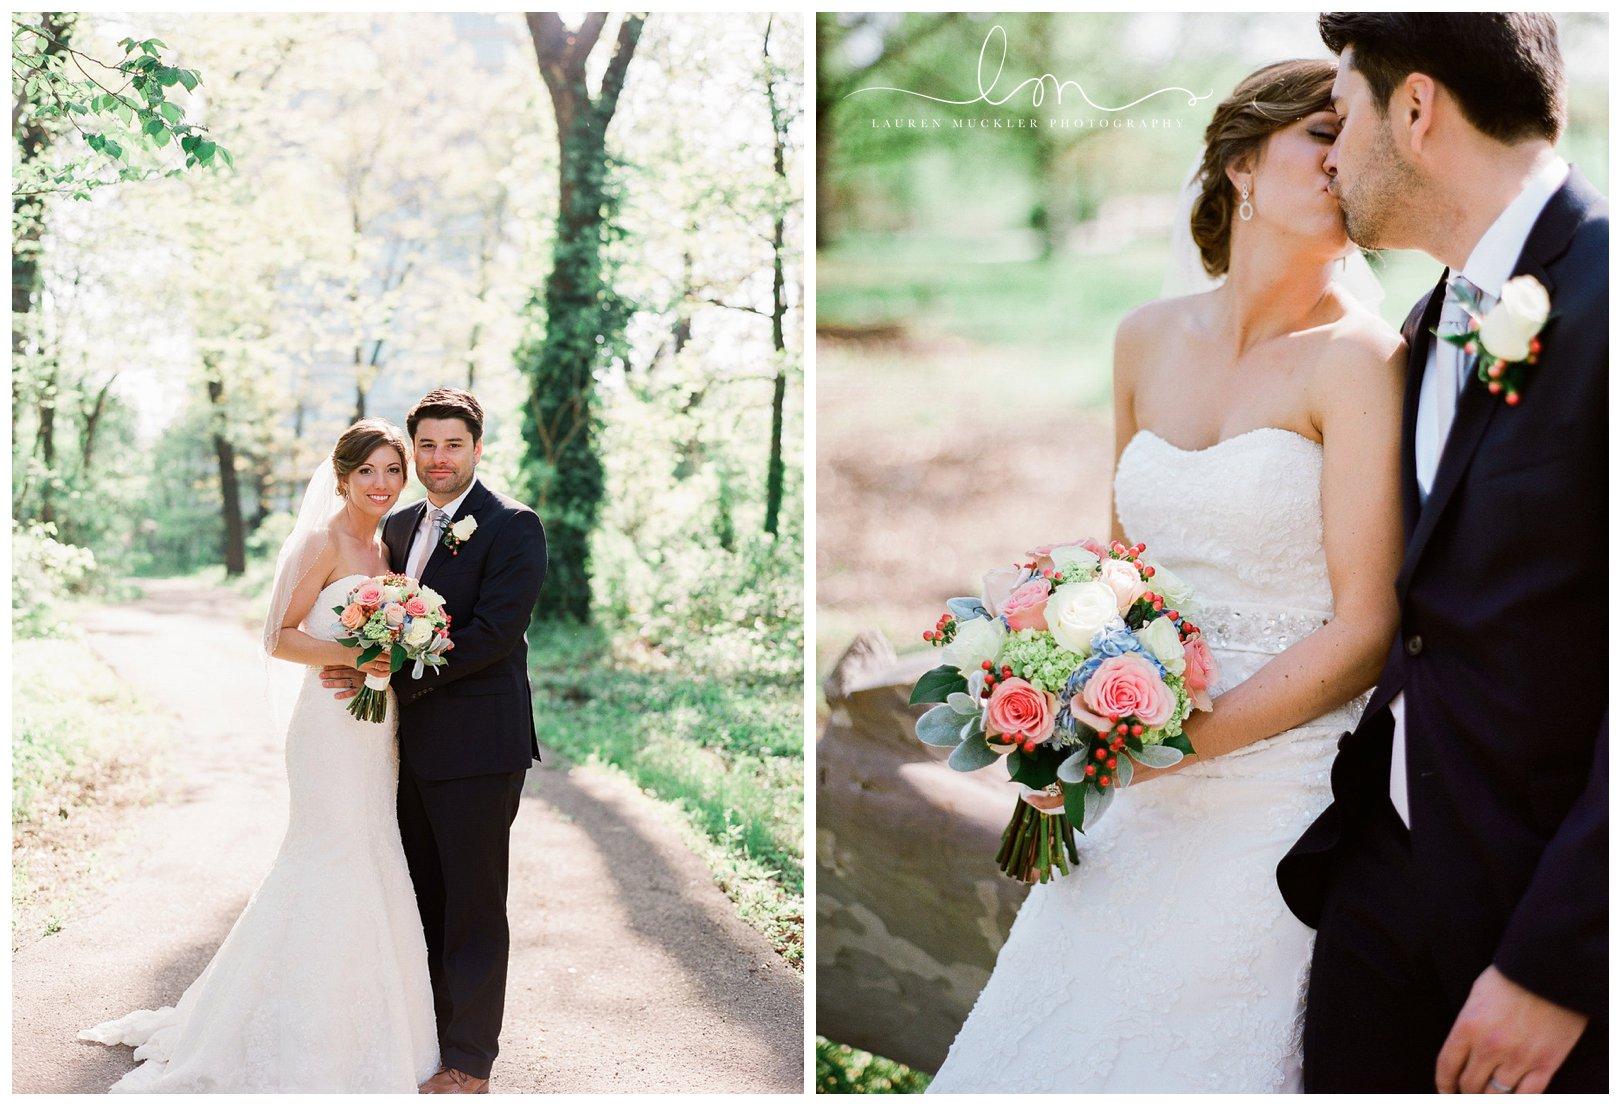 lauren muckler photography_fine art film wedding photography_st louis_photography_0025.jpg